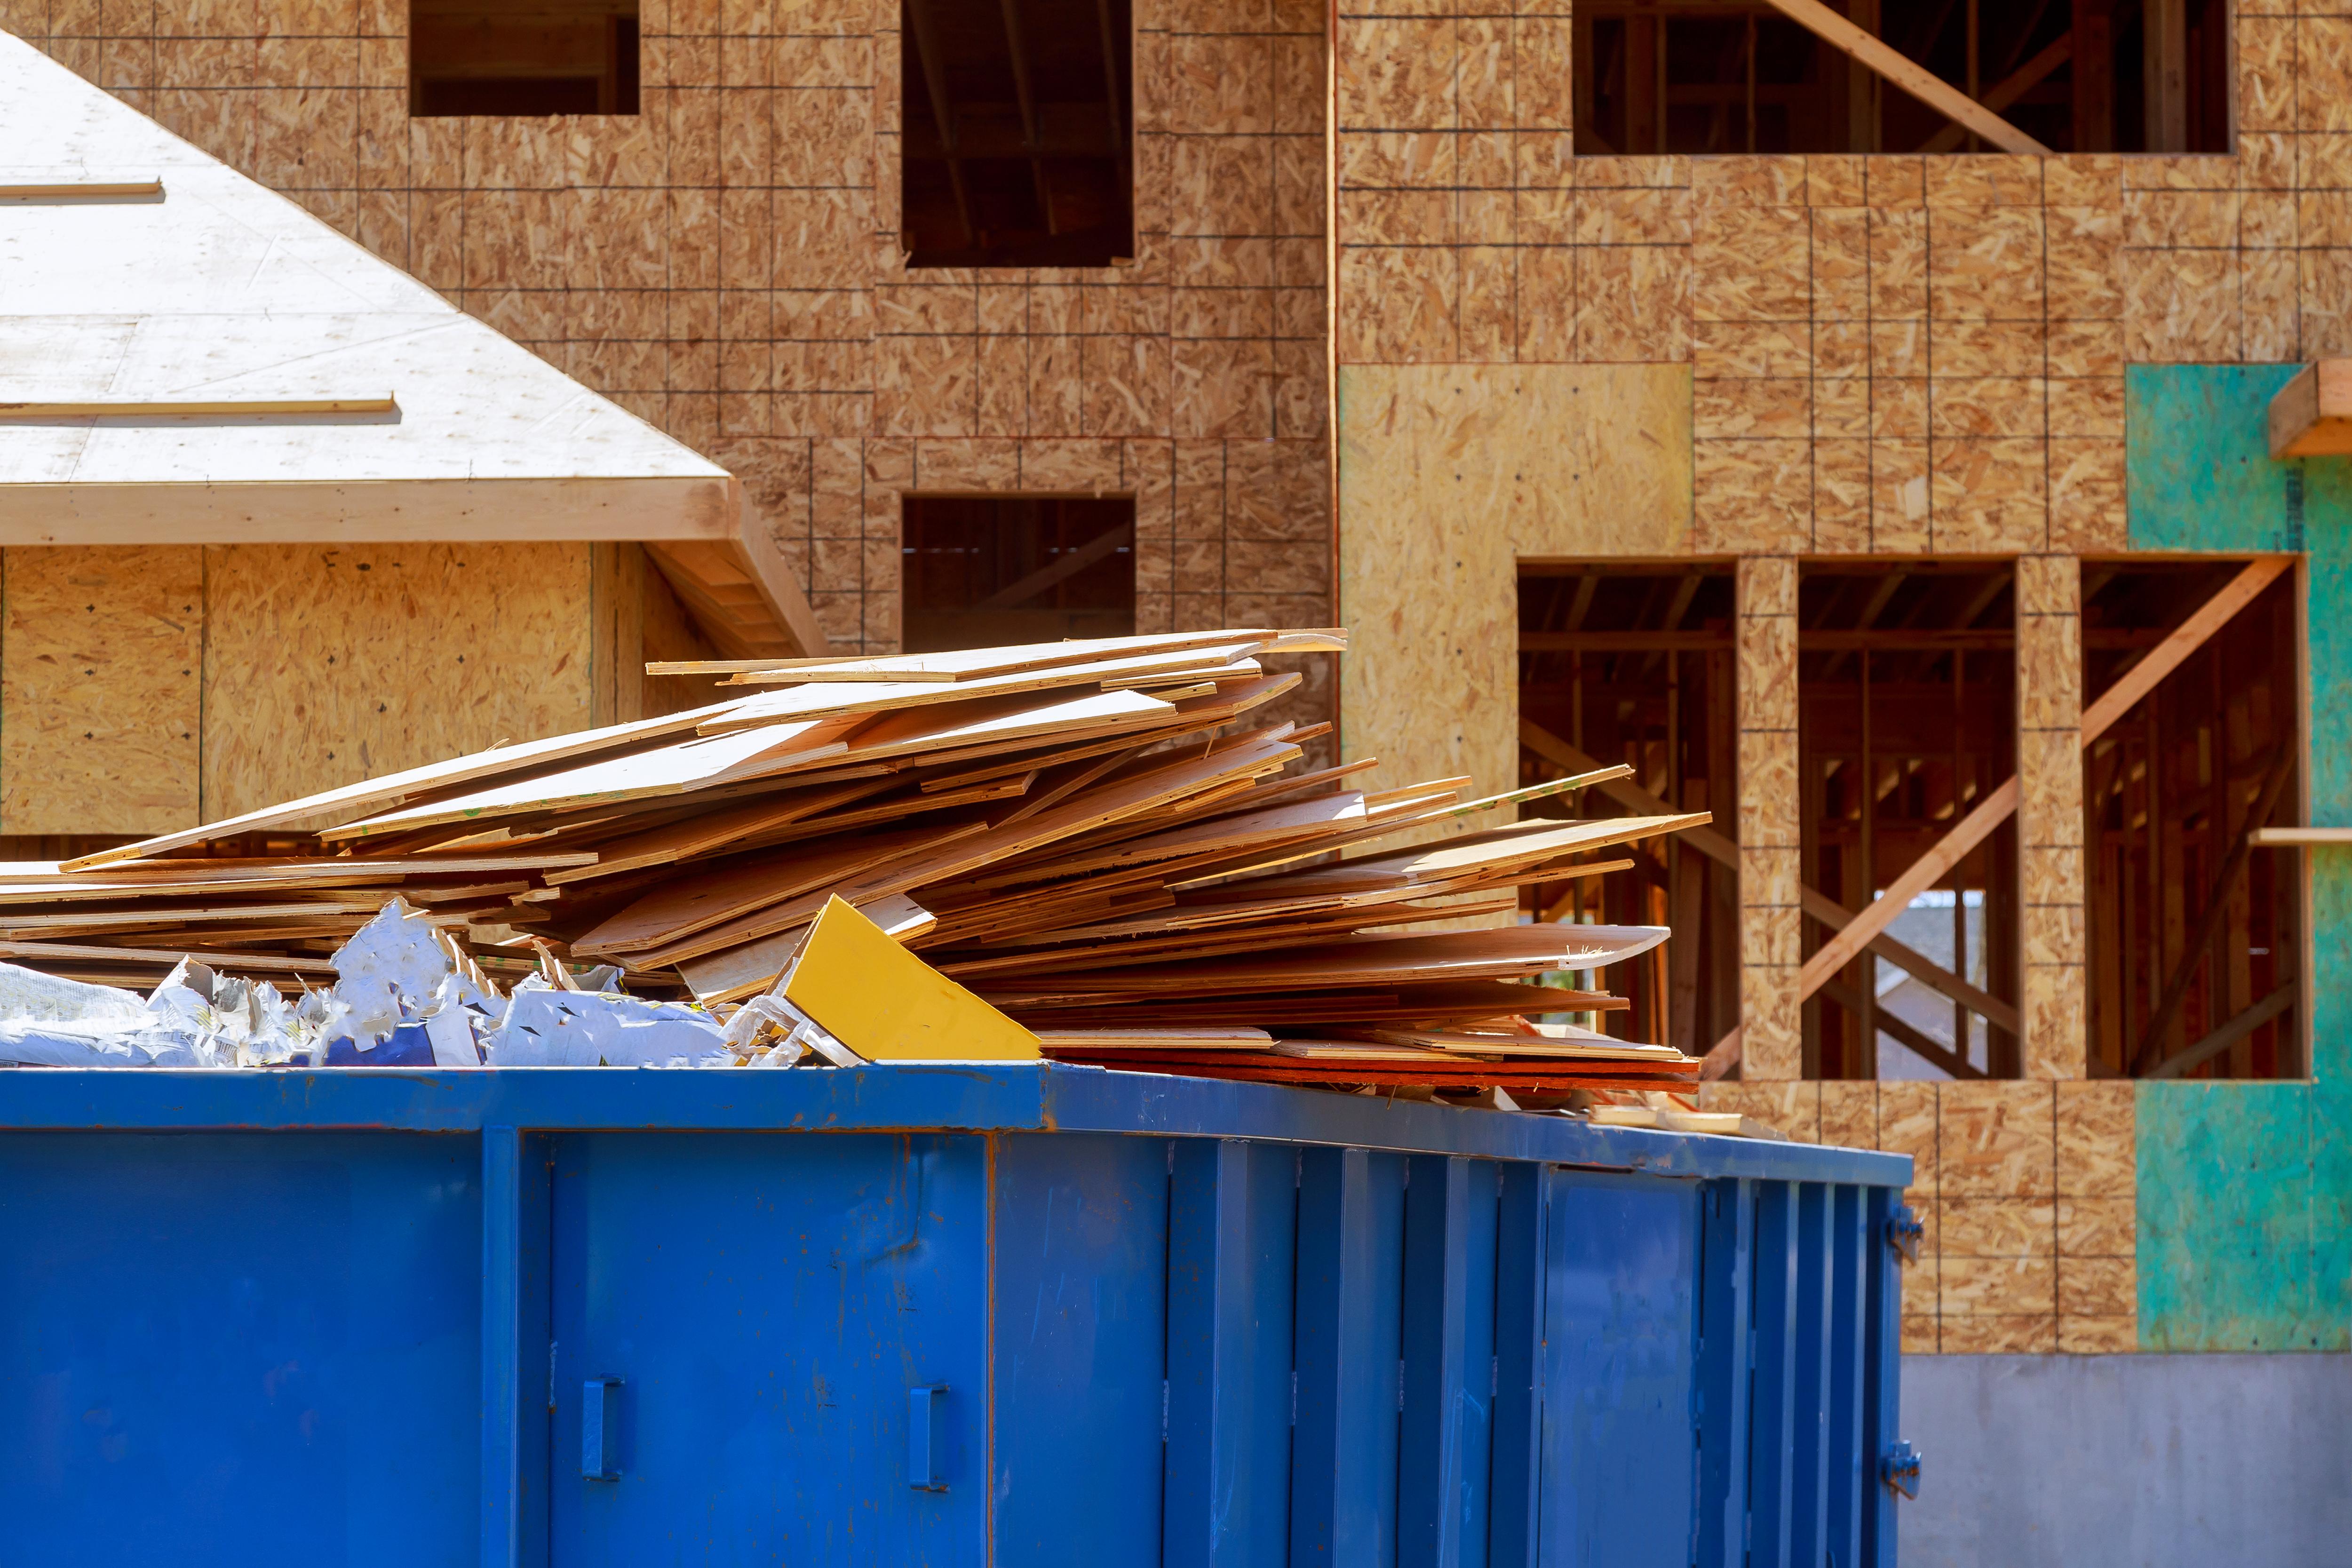 Sitio de construcción con basura dentro de un contenedor grande